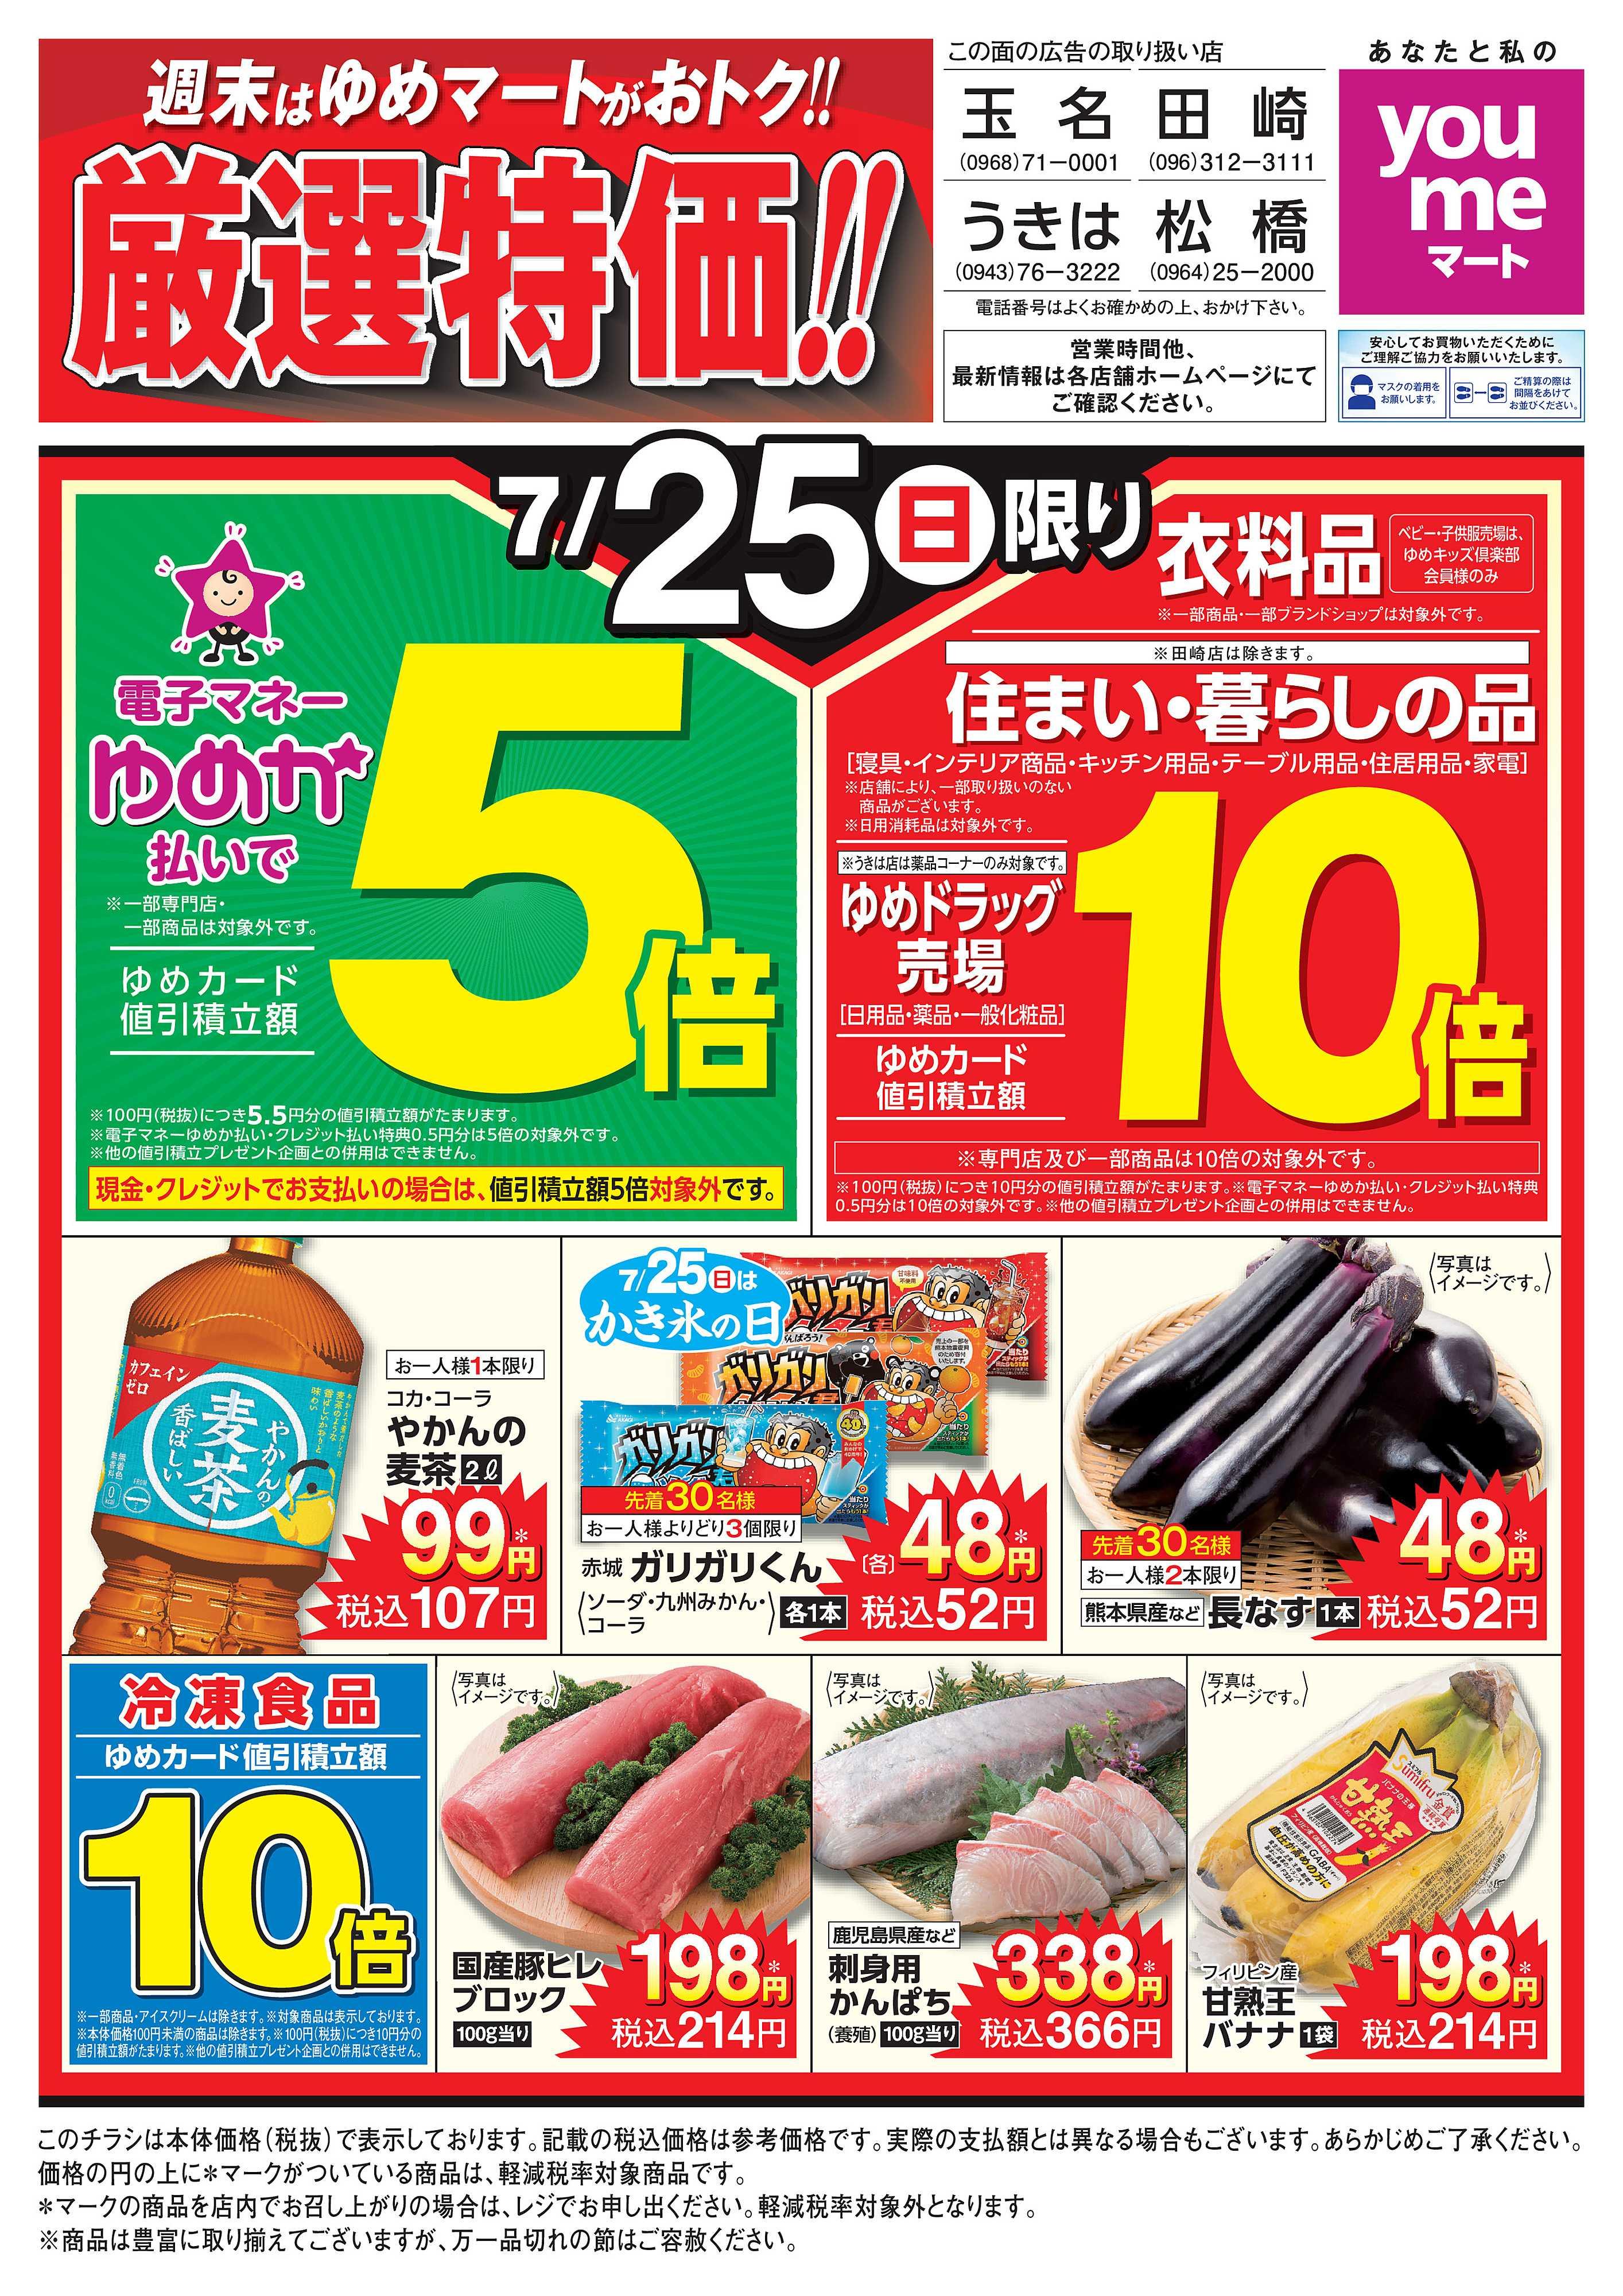 ゆめマート 7/25厳選特価